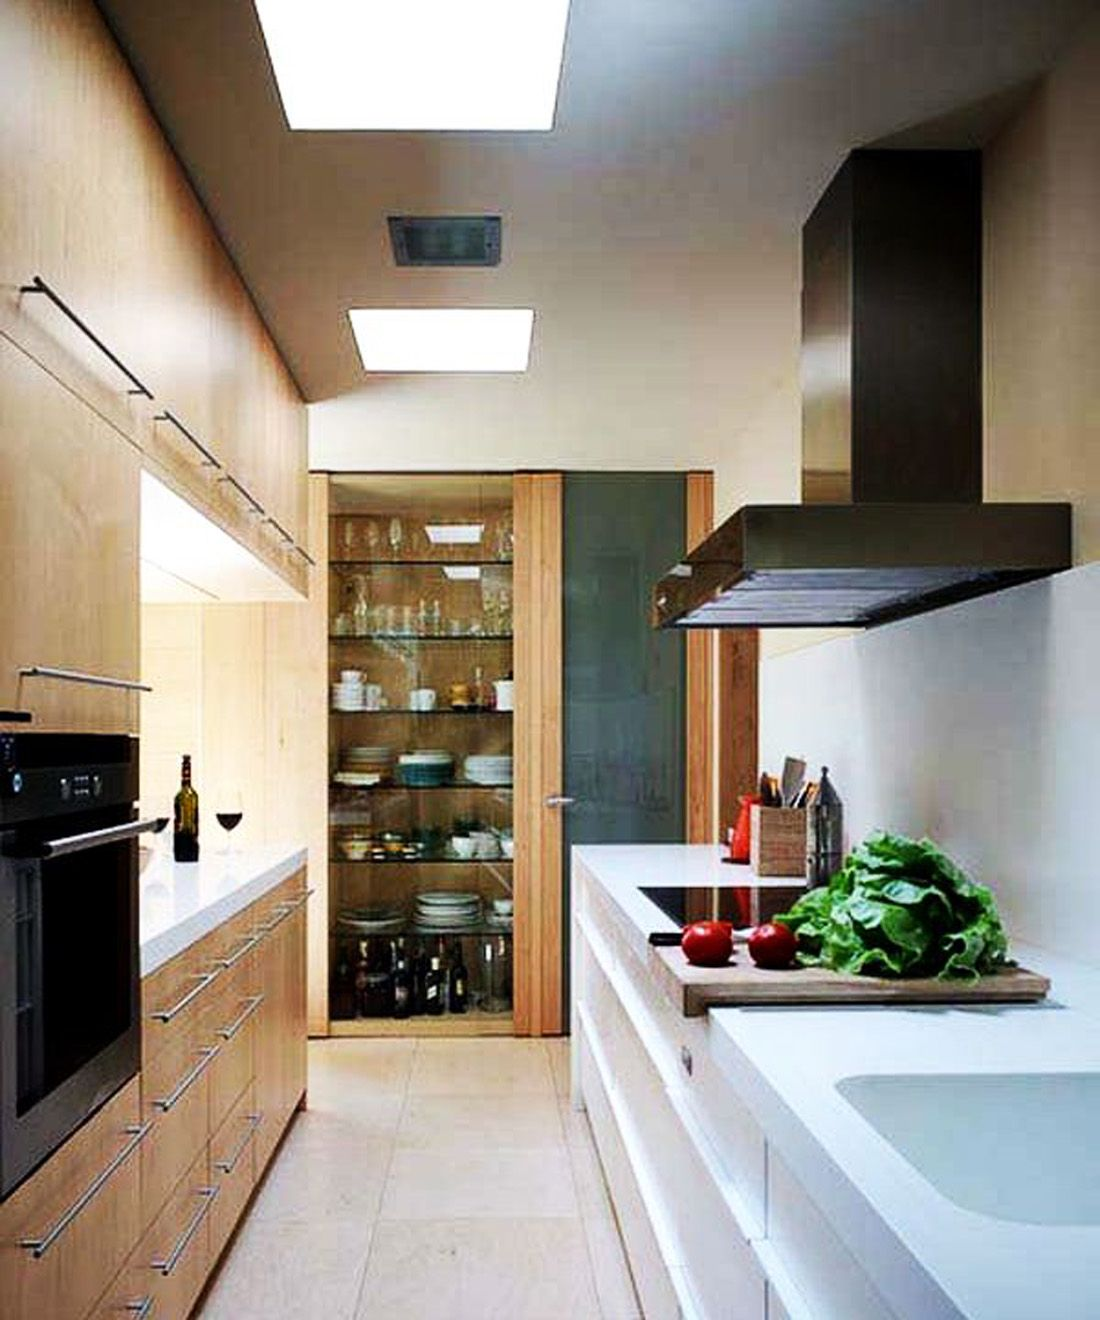 Kleine Kuche Mobel Design U Formige Kuche Design Luxus Kuche Design